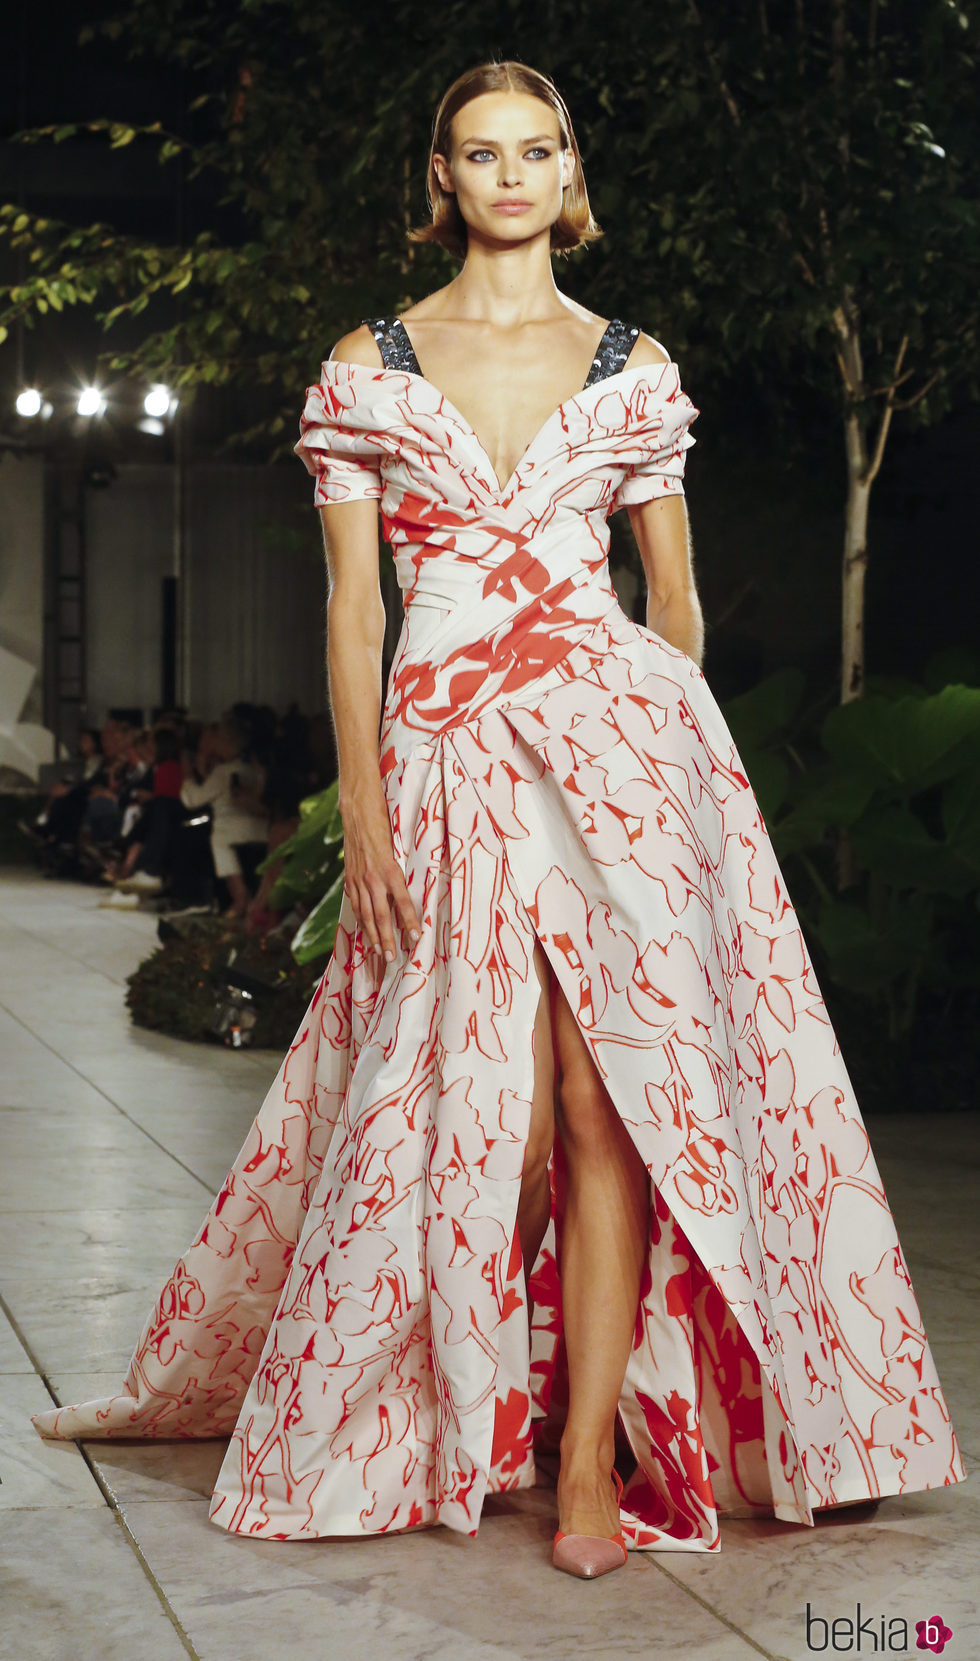 1b1c4dcf74587 Anterior Vestido de flores de Carolina Herrera primavera verano 2018 en la New  York Fashion Week